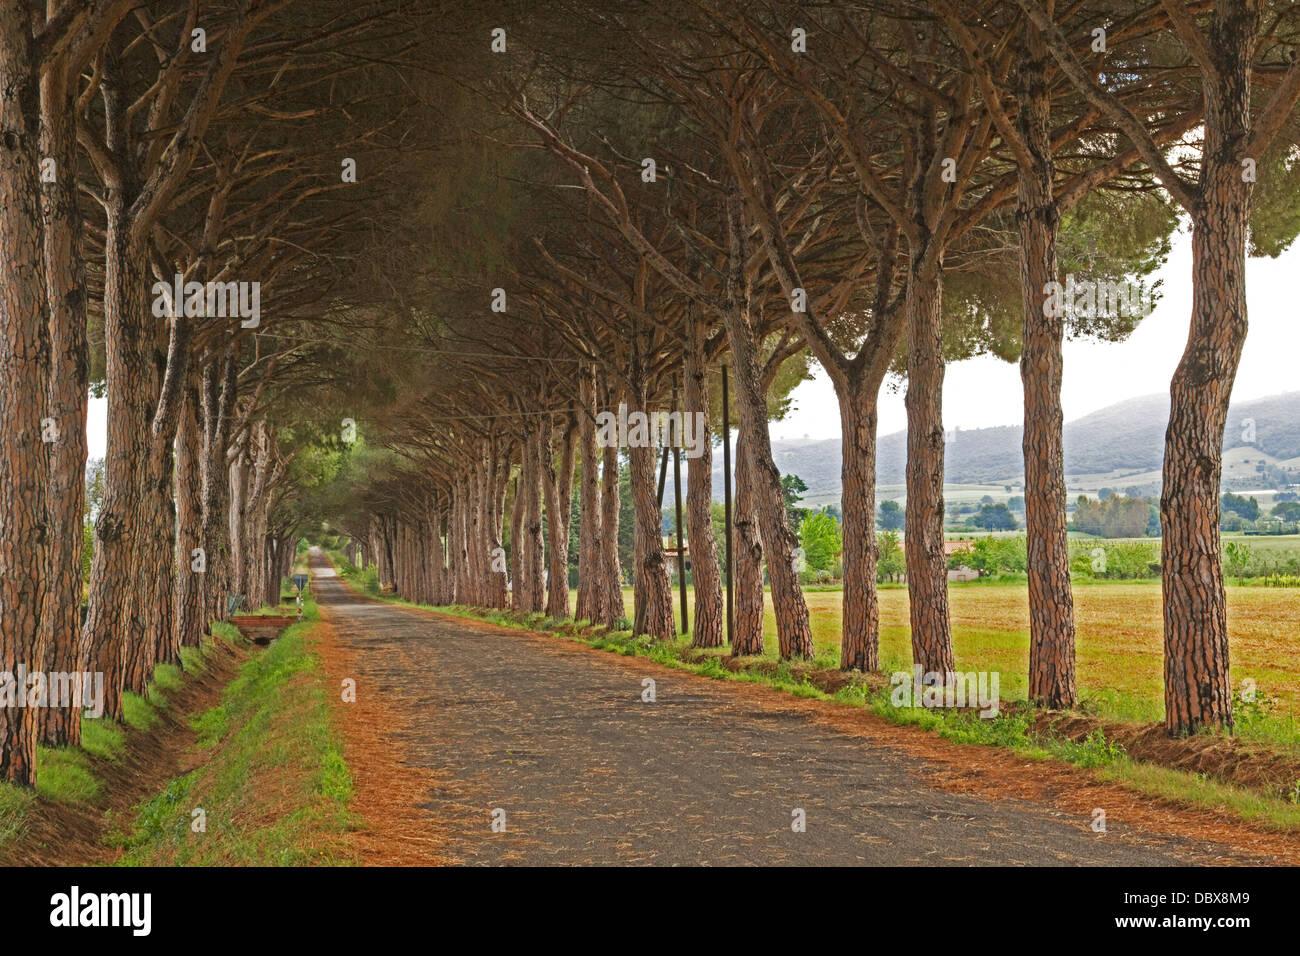 Parco Naturale di Maremma, Pine Avenue - Italy - Stock Image